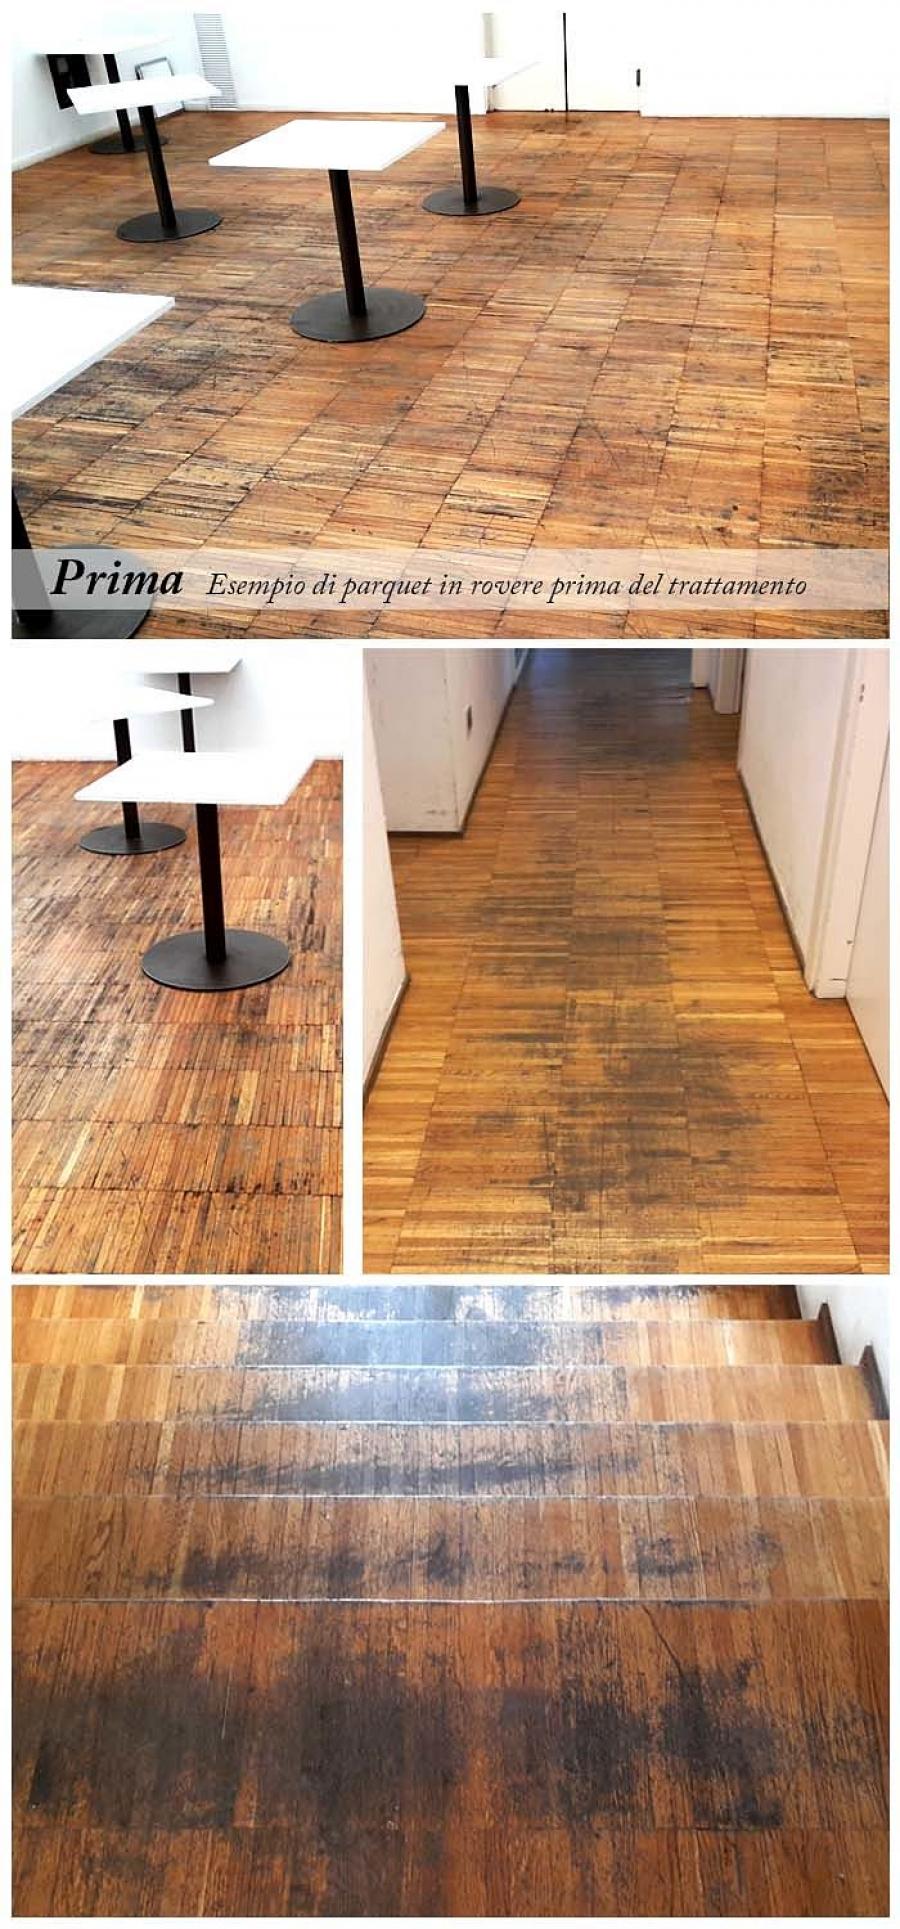 Come Si Ripara Il Parquet restauro parquet a milano: restauro pavimenti antichi in